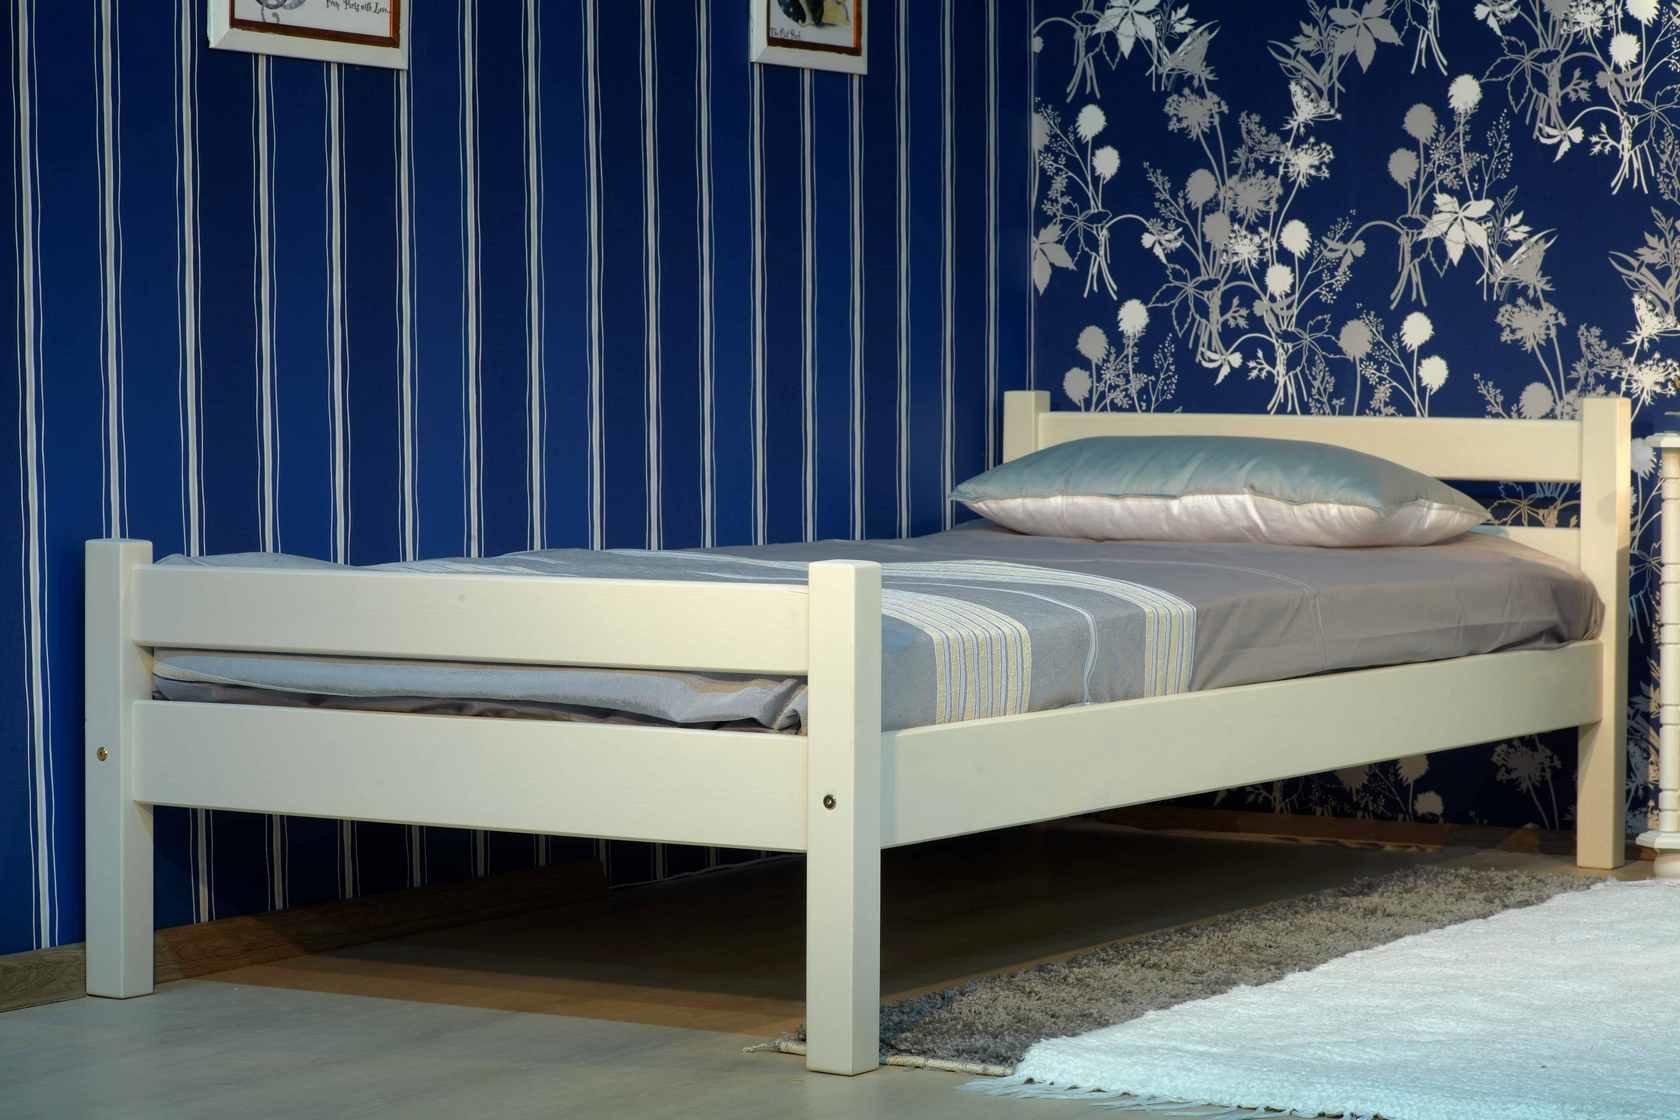 Односпальная кровать Timberica Классик Бежевый, Спальное место 900 Х 1900 мм